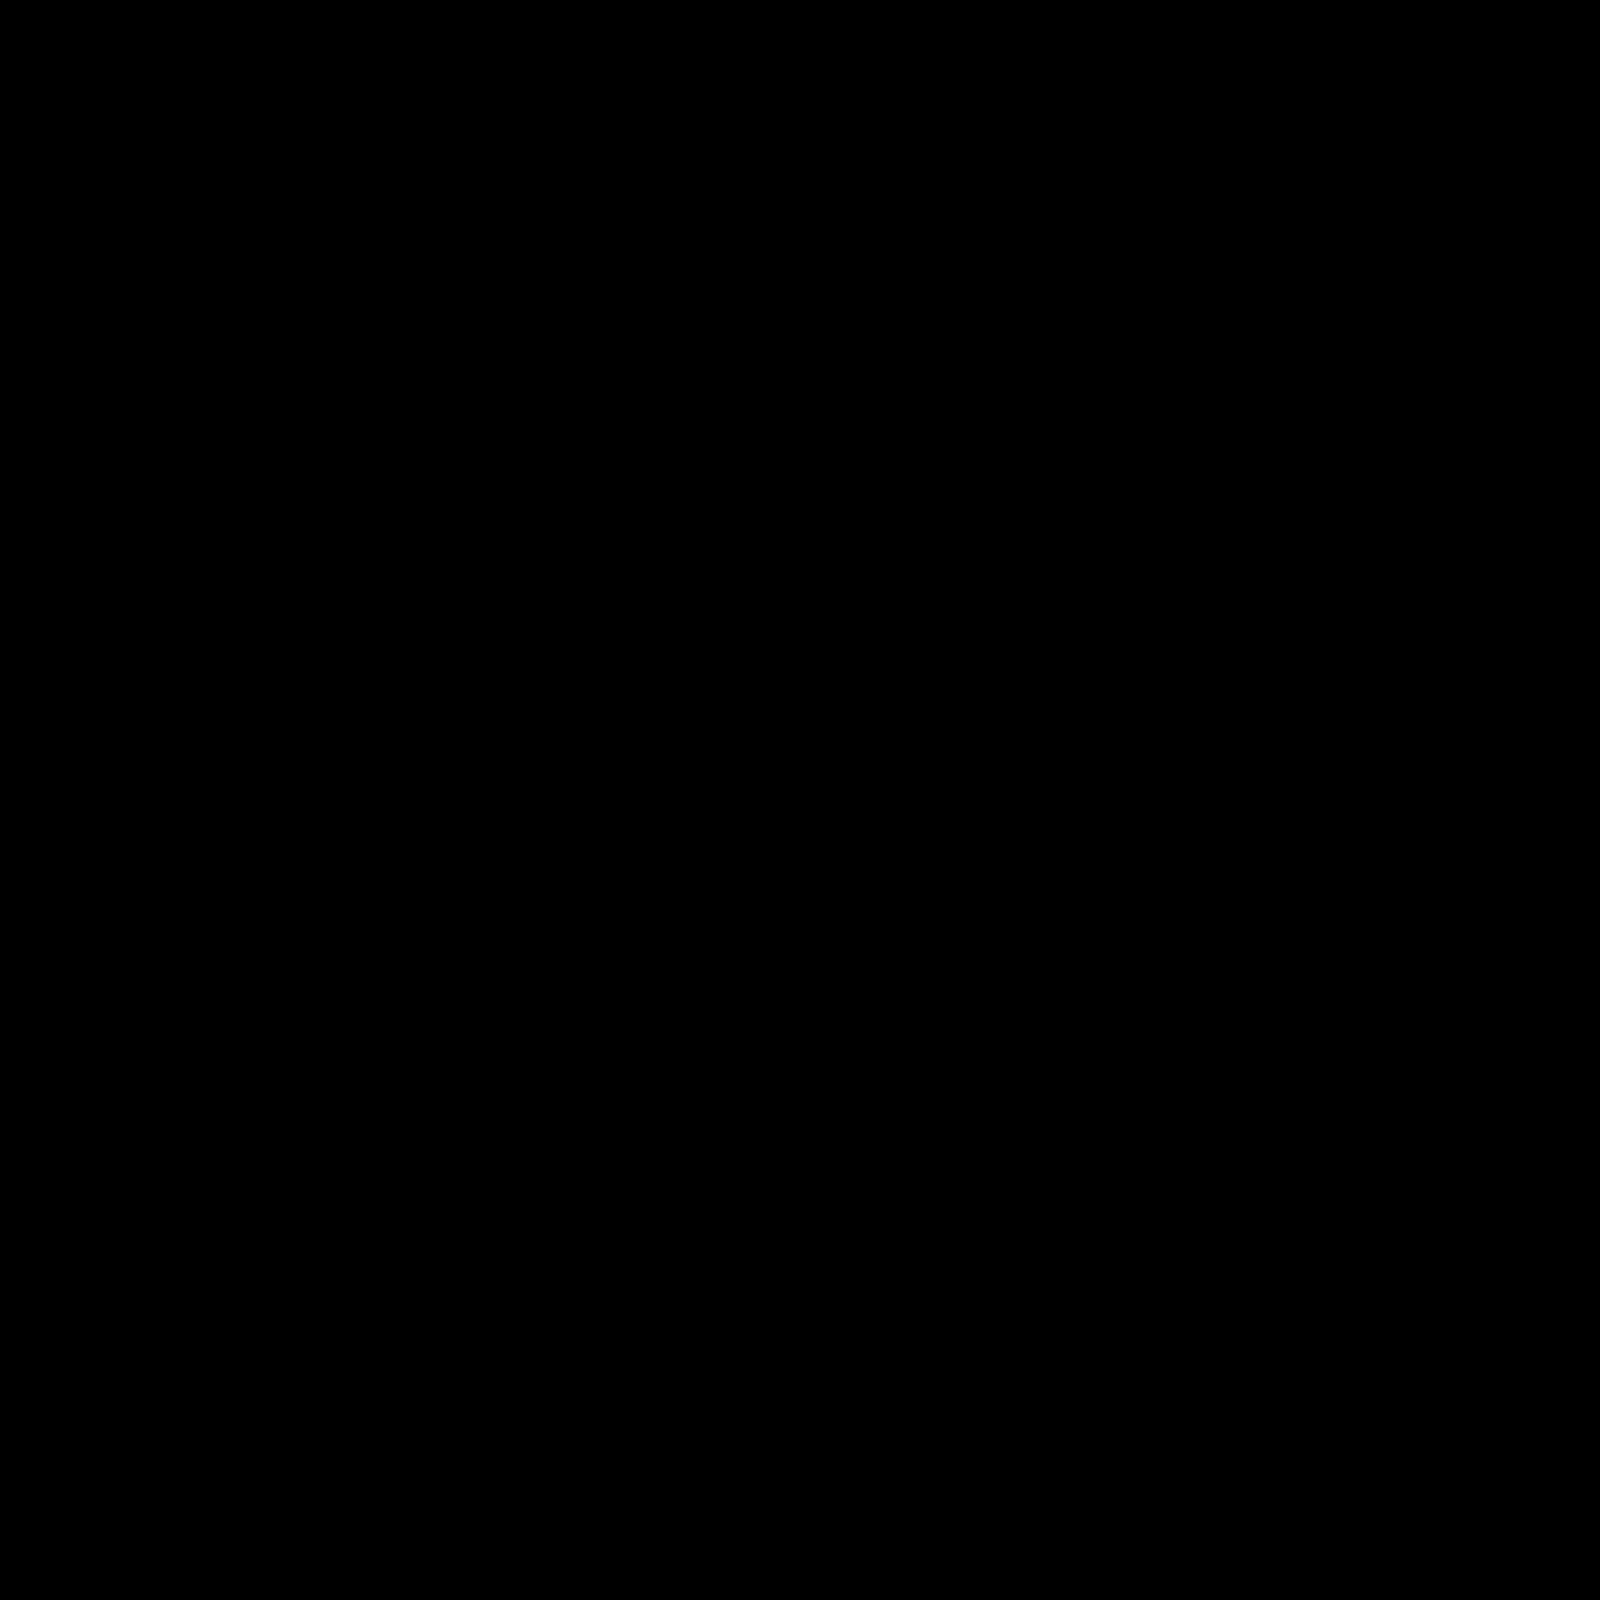 Płyta główna icon